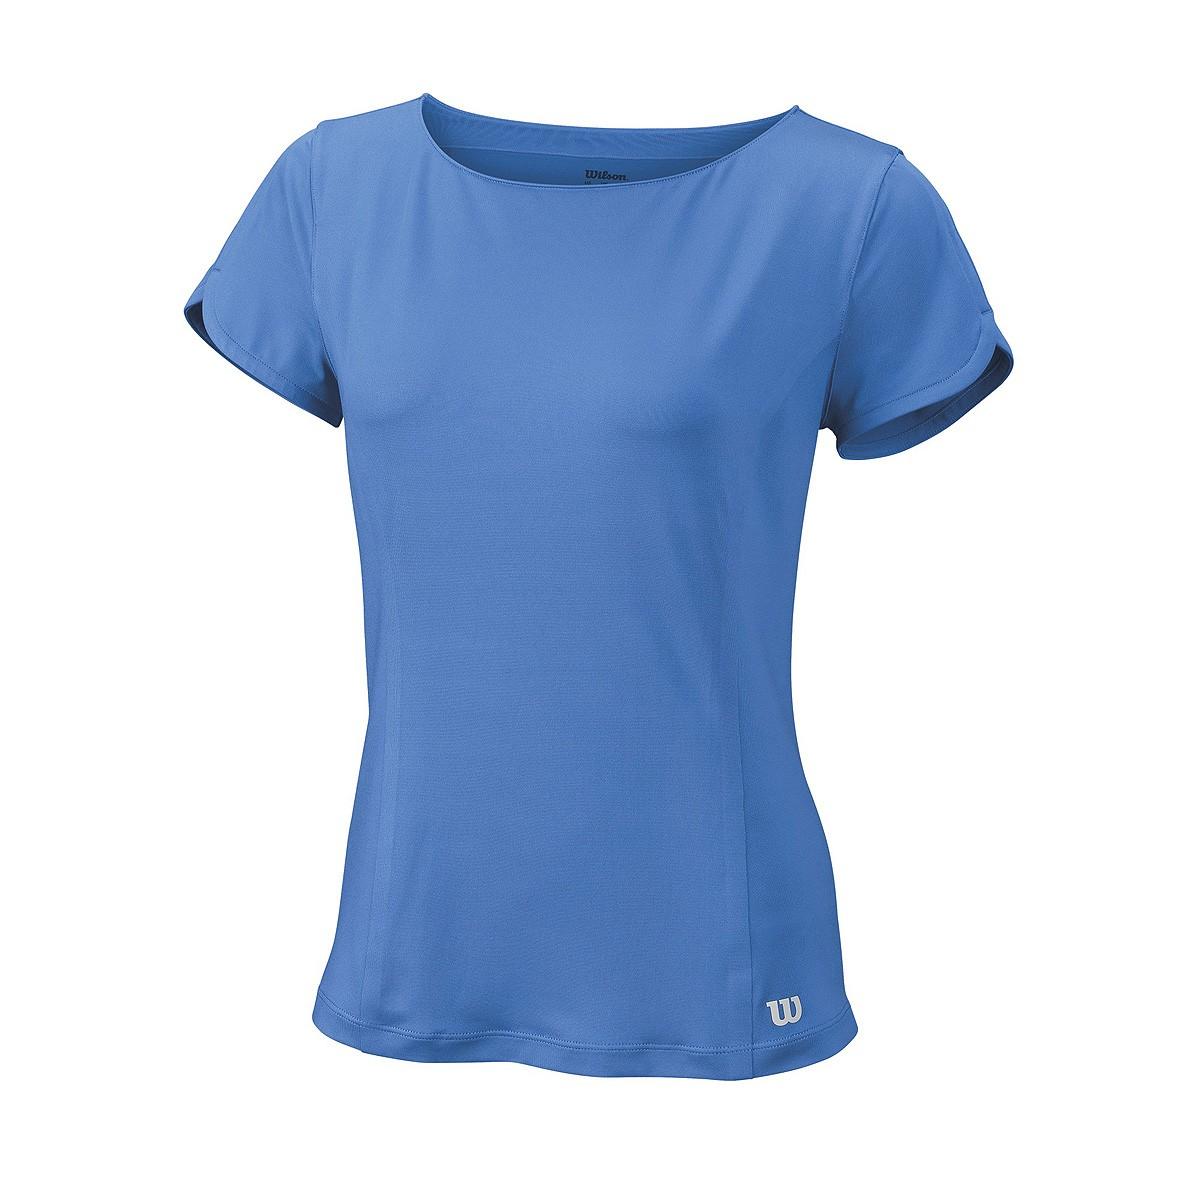 Koszulka tenisowa damska Wilson Star Crossover Top - wyprzedaż!